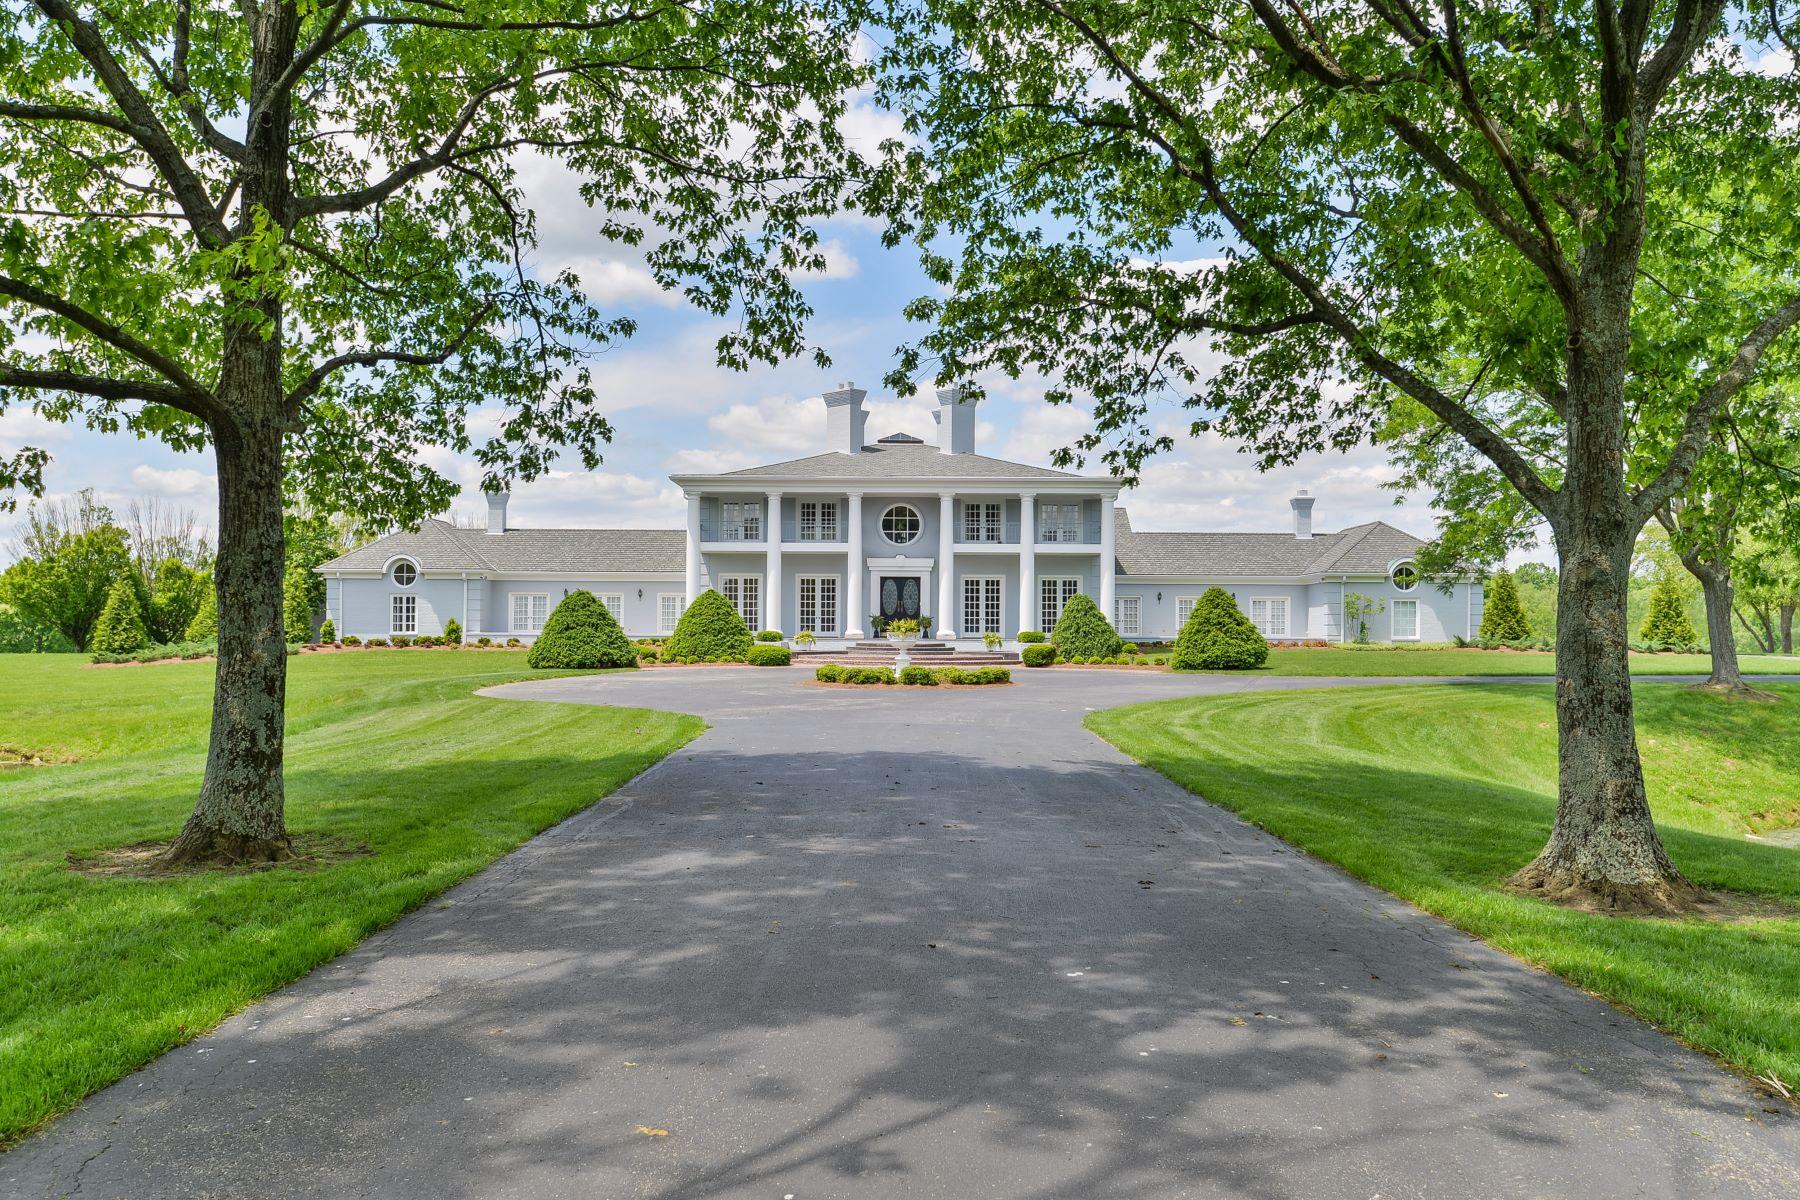 Ферма / ранчо / плантация для того Продажа на 1700 Park Shore Rd La Grange, Кентукки 40031 Соединенные Штаты